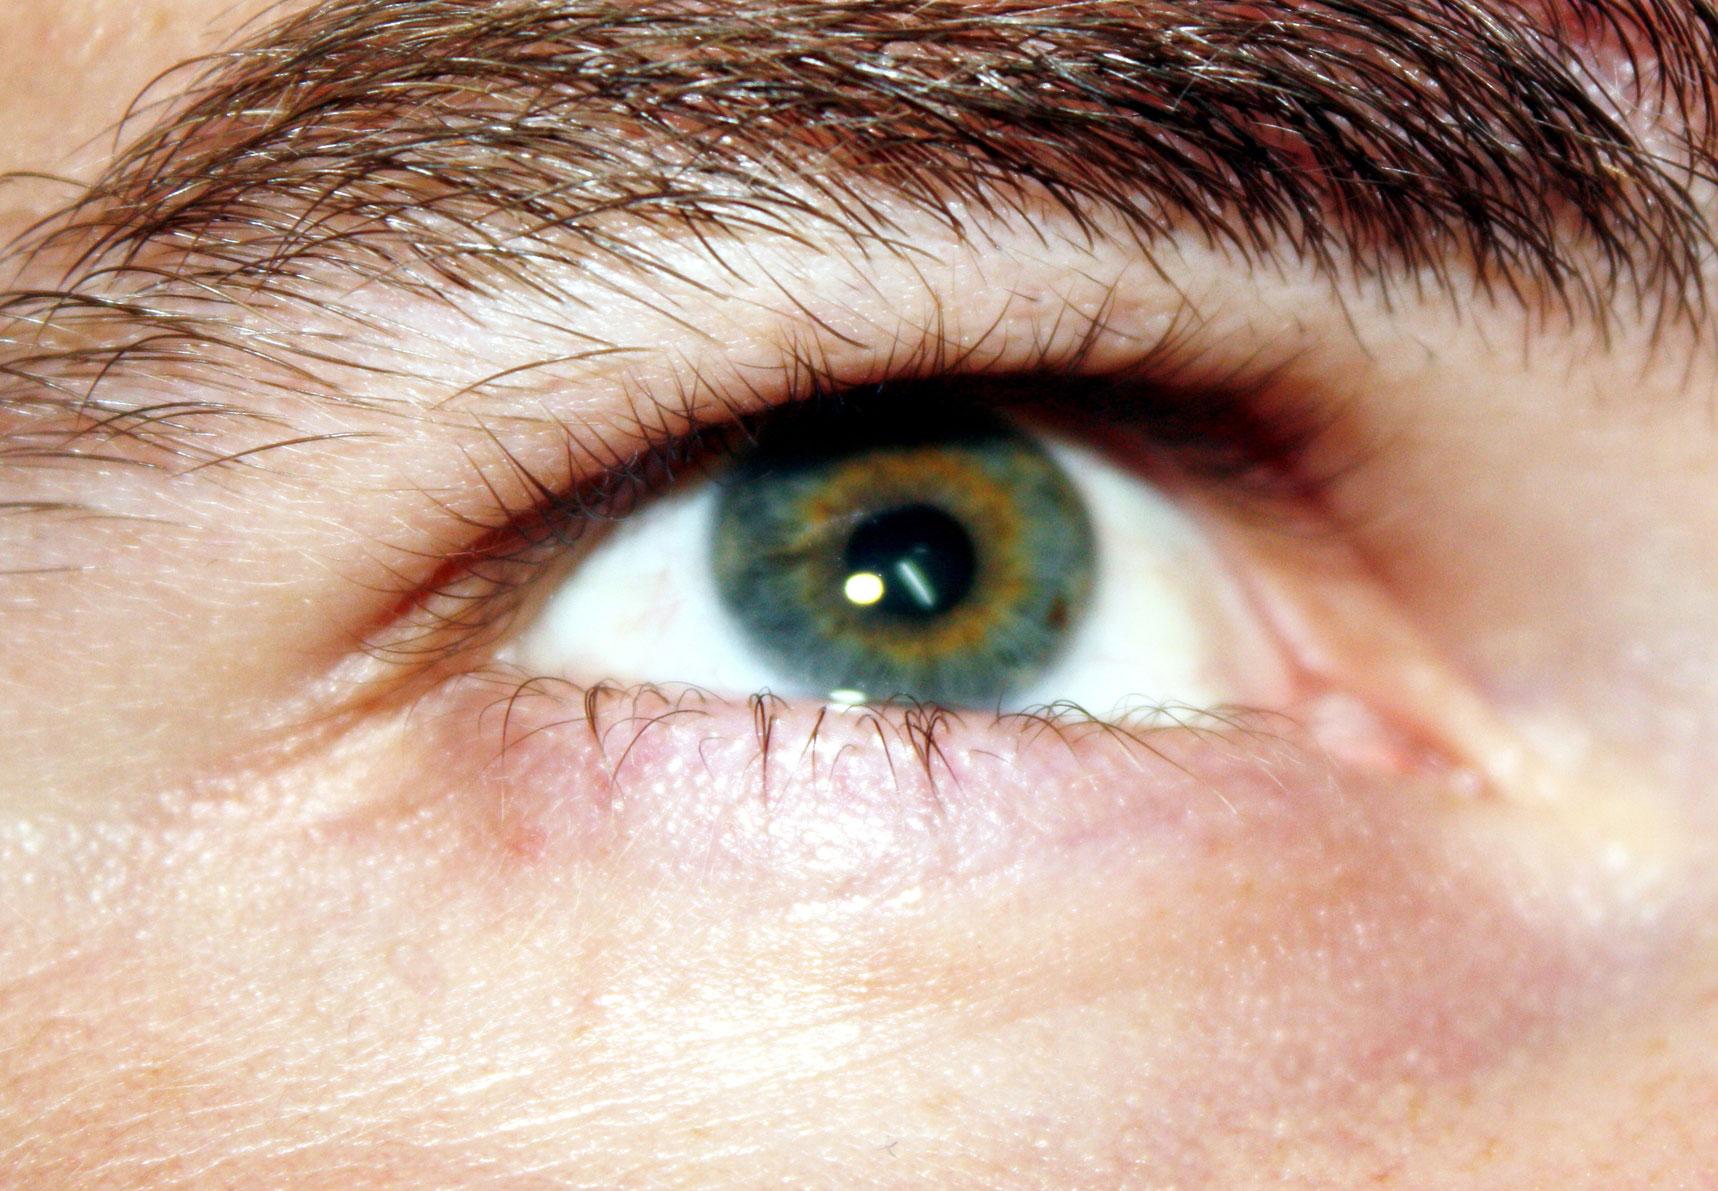 A lyukakban lévő szemüveg segít visszaállítani a látást - A látvány legérdekesebb képei